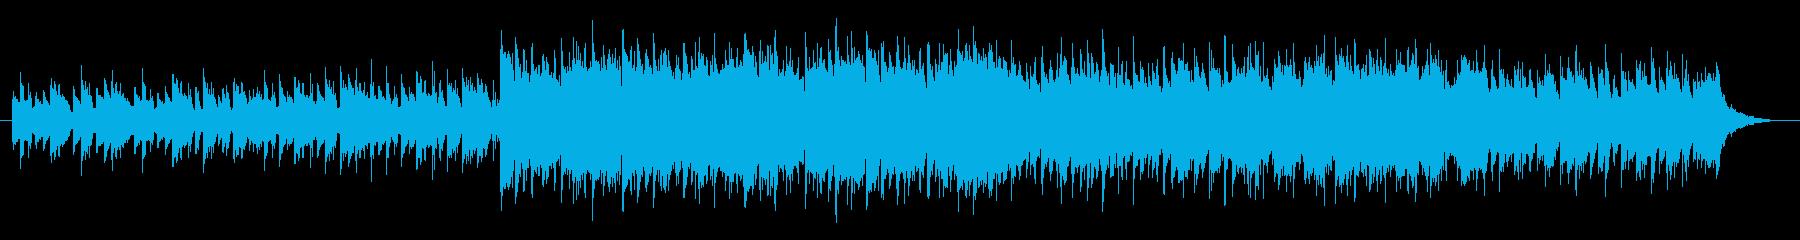 民族調オーケストラRPGスーファミverの再生済みの波形